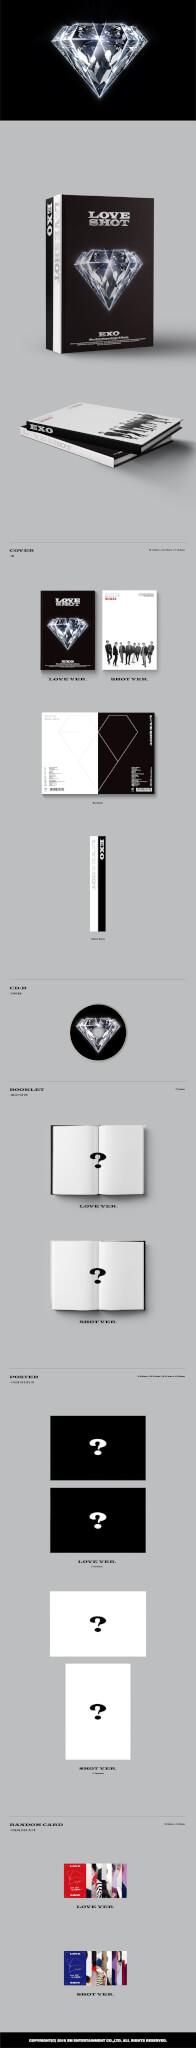 EXO revelam detalhes e Preview do conteúdo físico dos Álbuns Repackaged